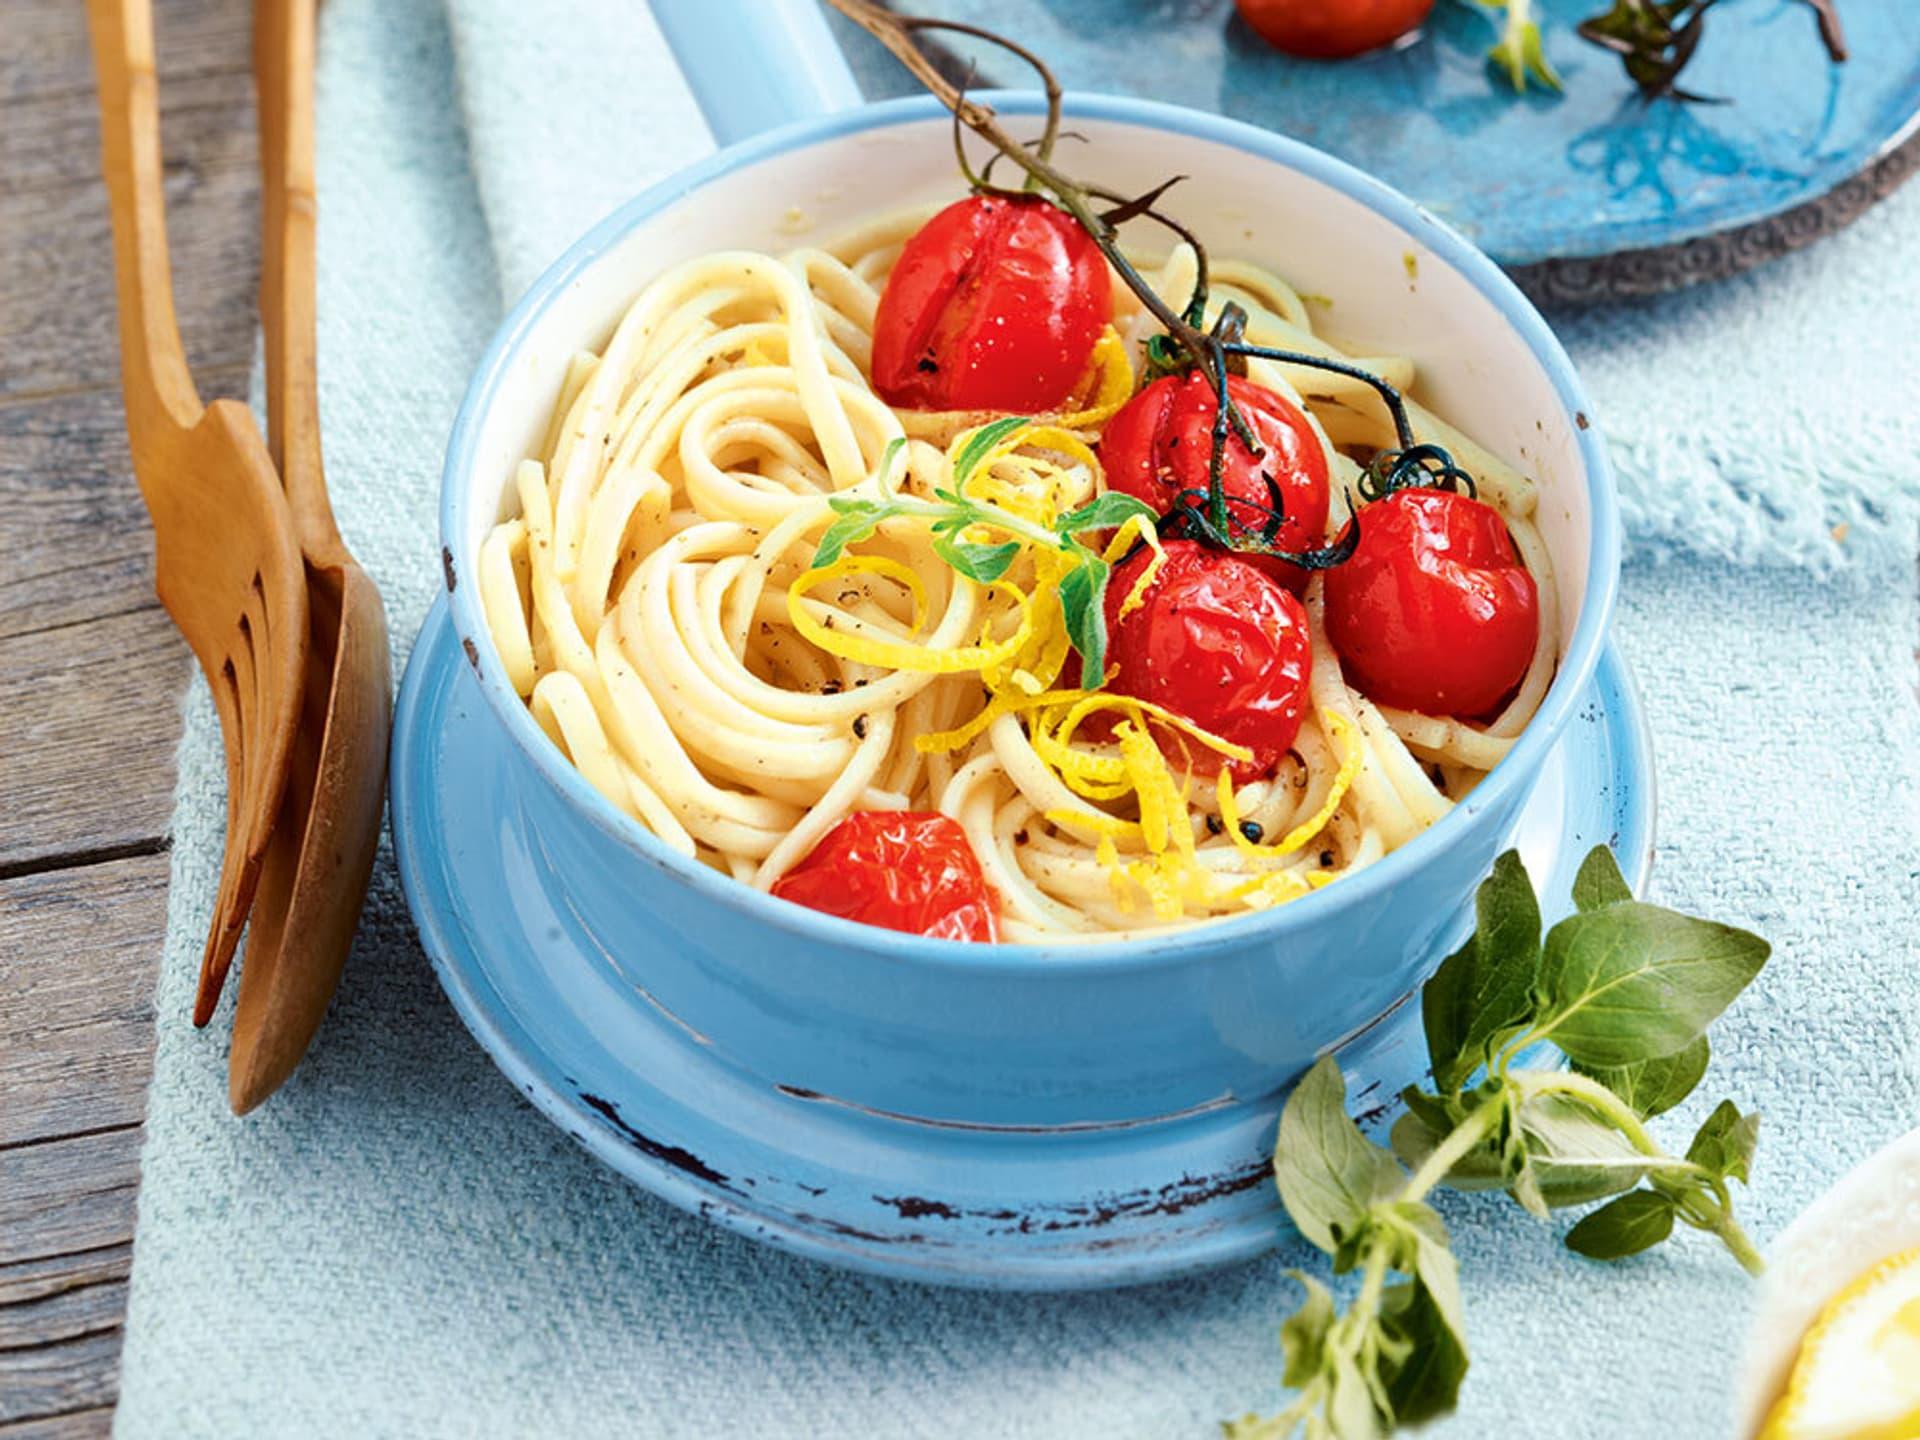 Nudeln mit geschmorten Tomaten in einer blauen Schale